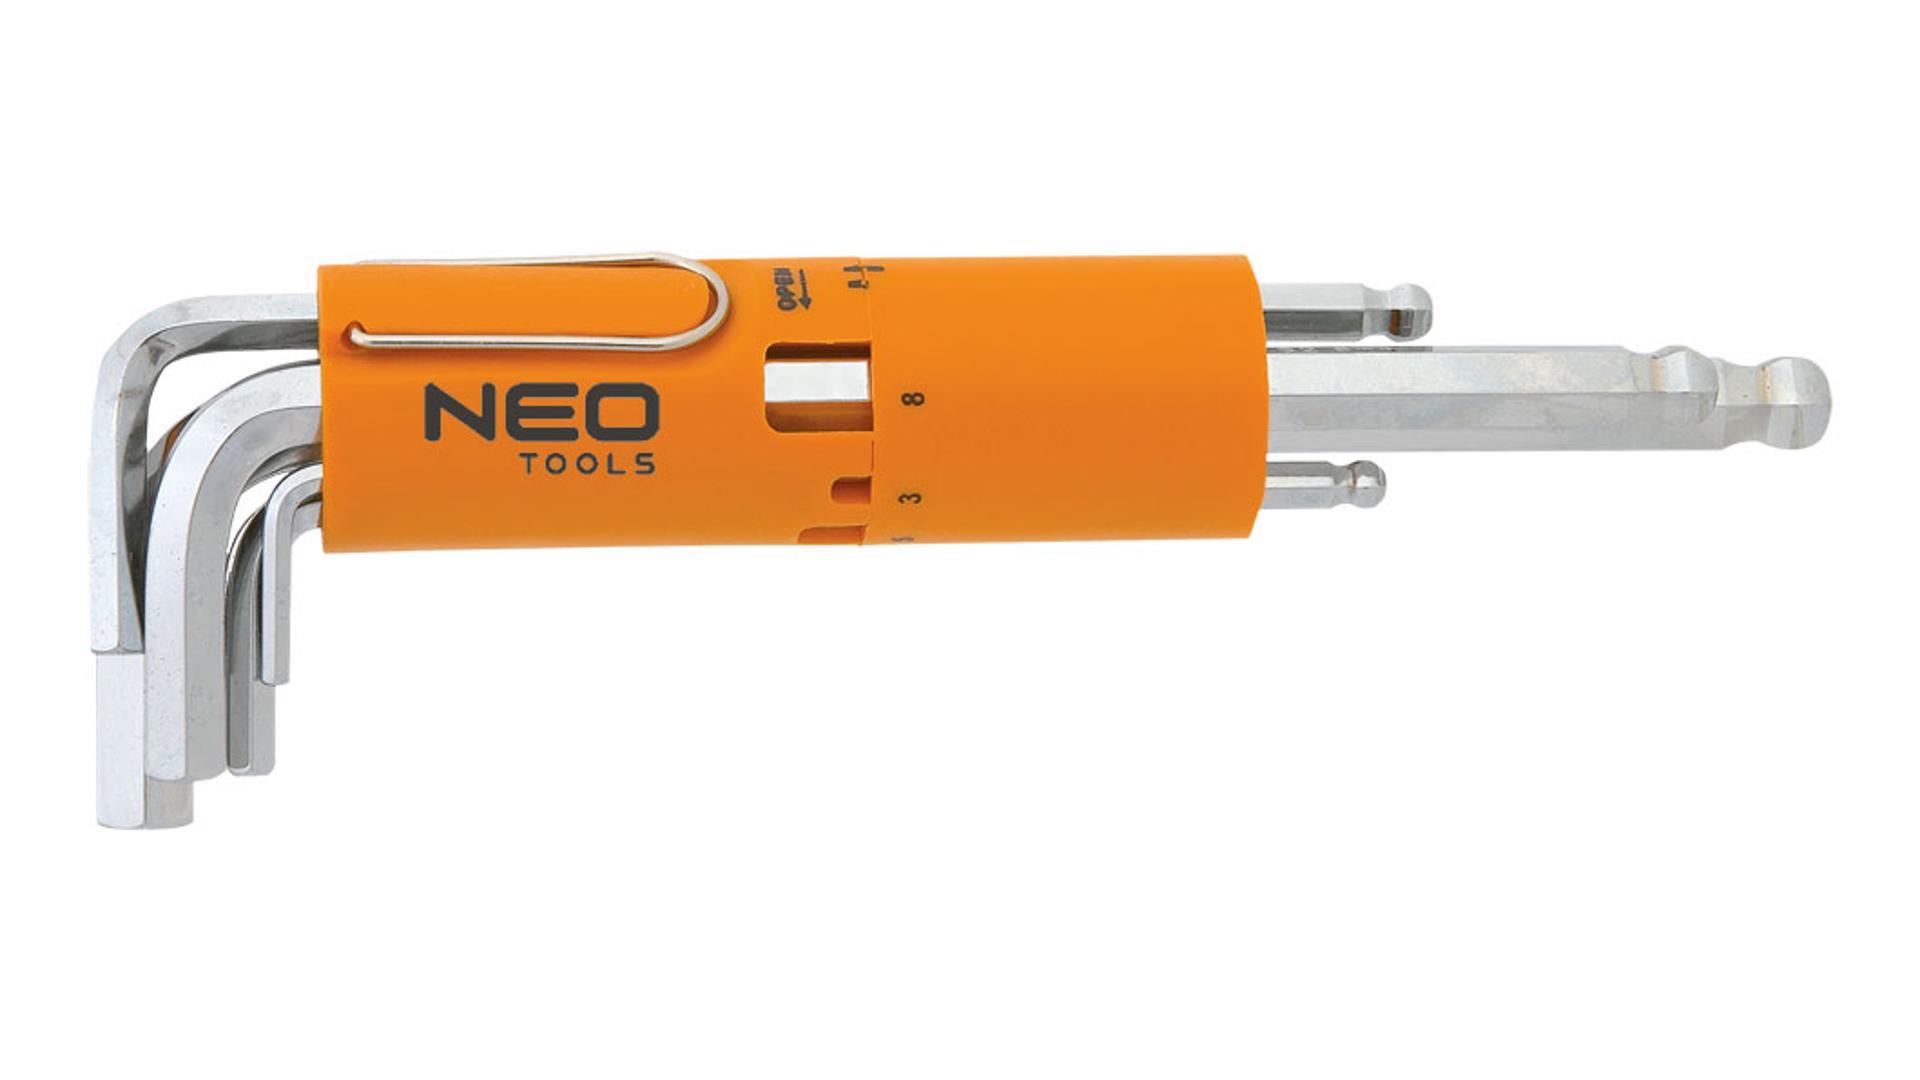 NEO Šesťhranné kľúče, dlhé, sférické 2,5 - 10 mm, súprava 8 ks, súprava predĺ. Imbus kľúčovs guľkou